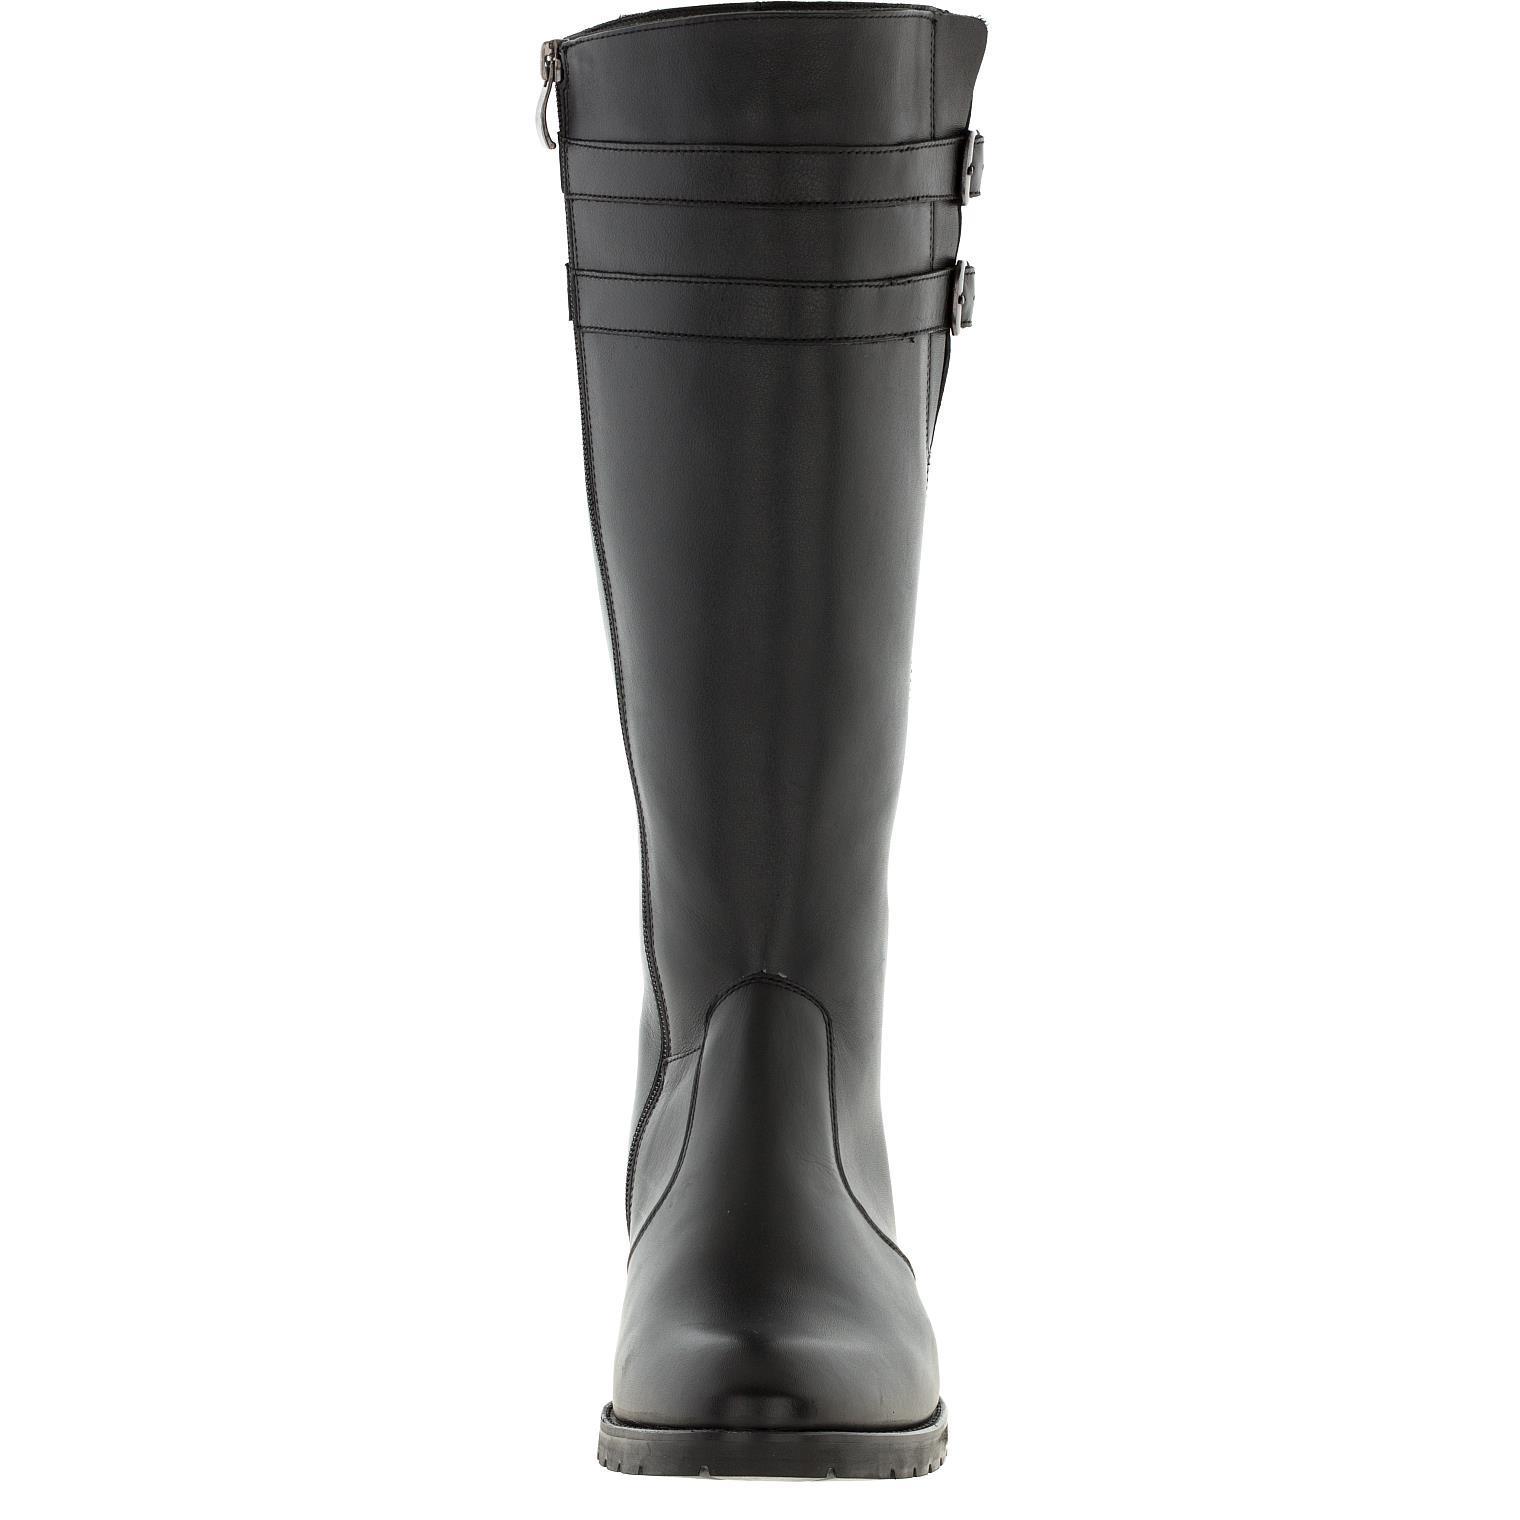 635507 Сапоги женские черные кожа больших размеров марки Делфино